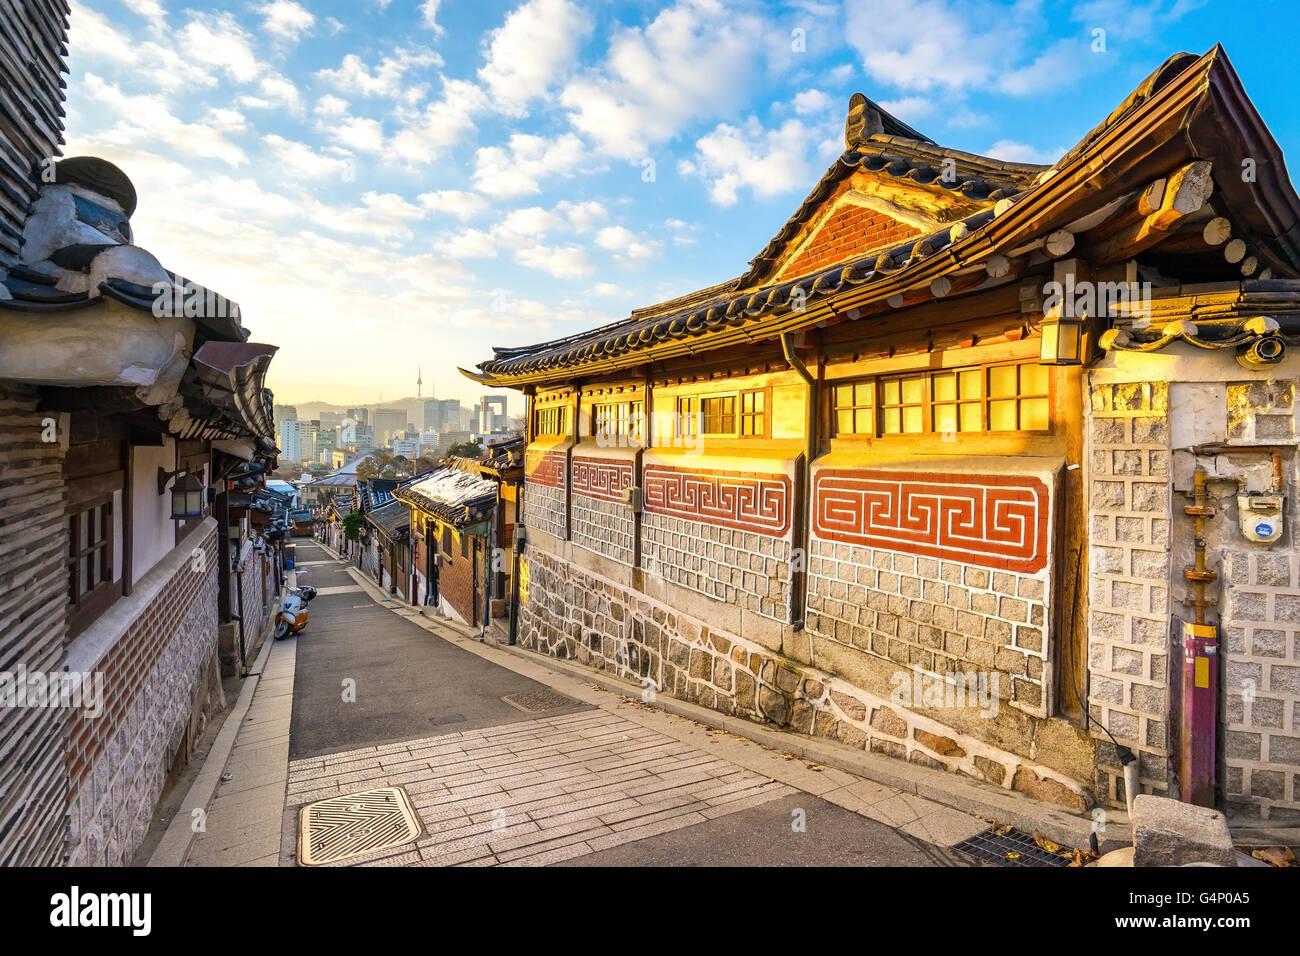 L'ancien village de Bukchon à Séoul, Corée du Sud. Banque D'Images